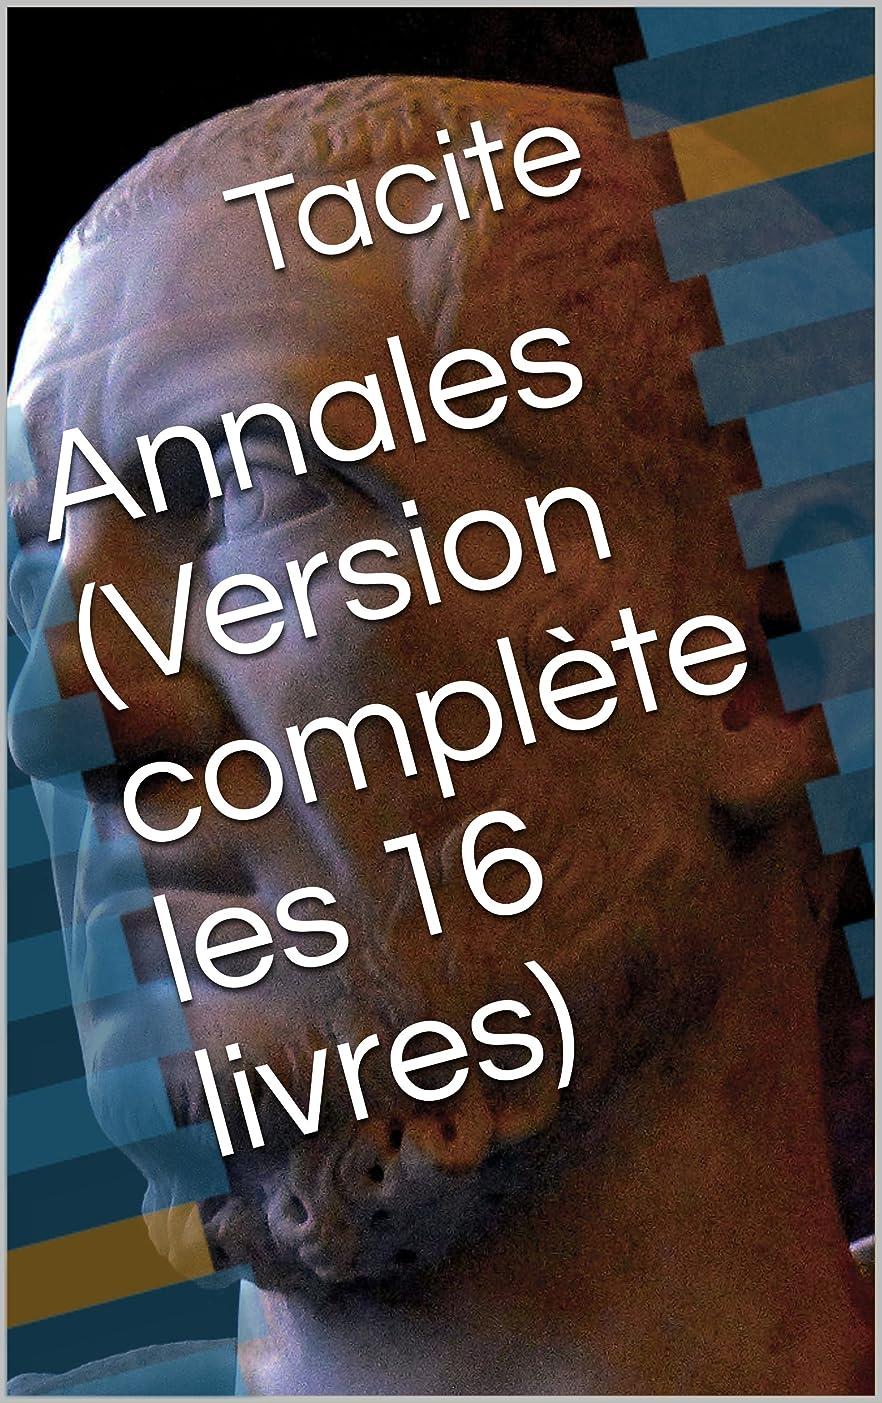 スペイン没頭する散歩に行くAnnales (Version complète les 16 livres) (French Edition)